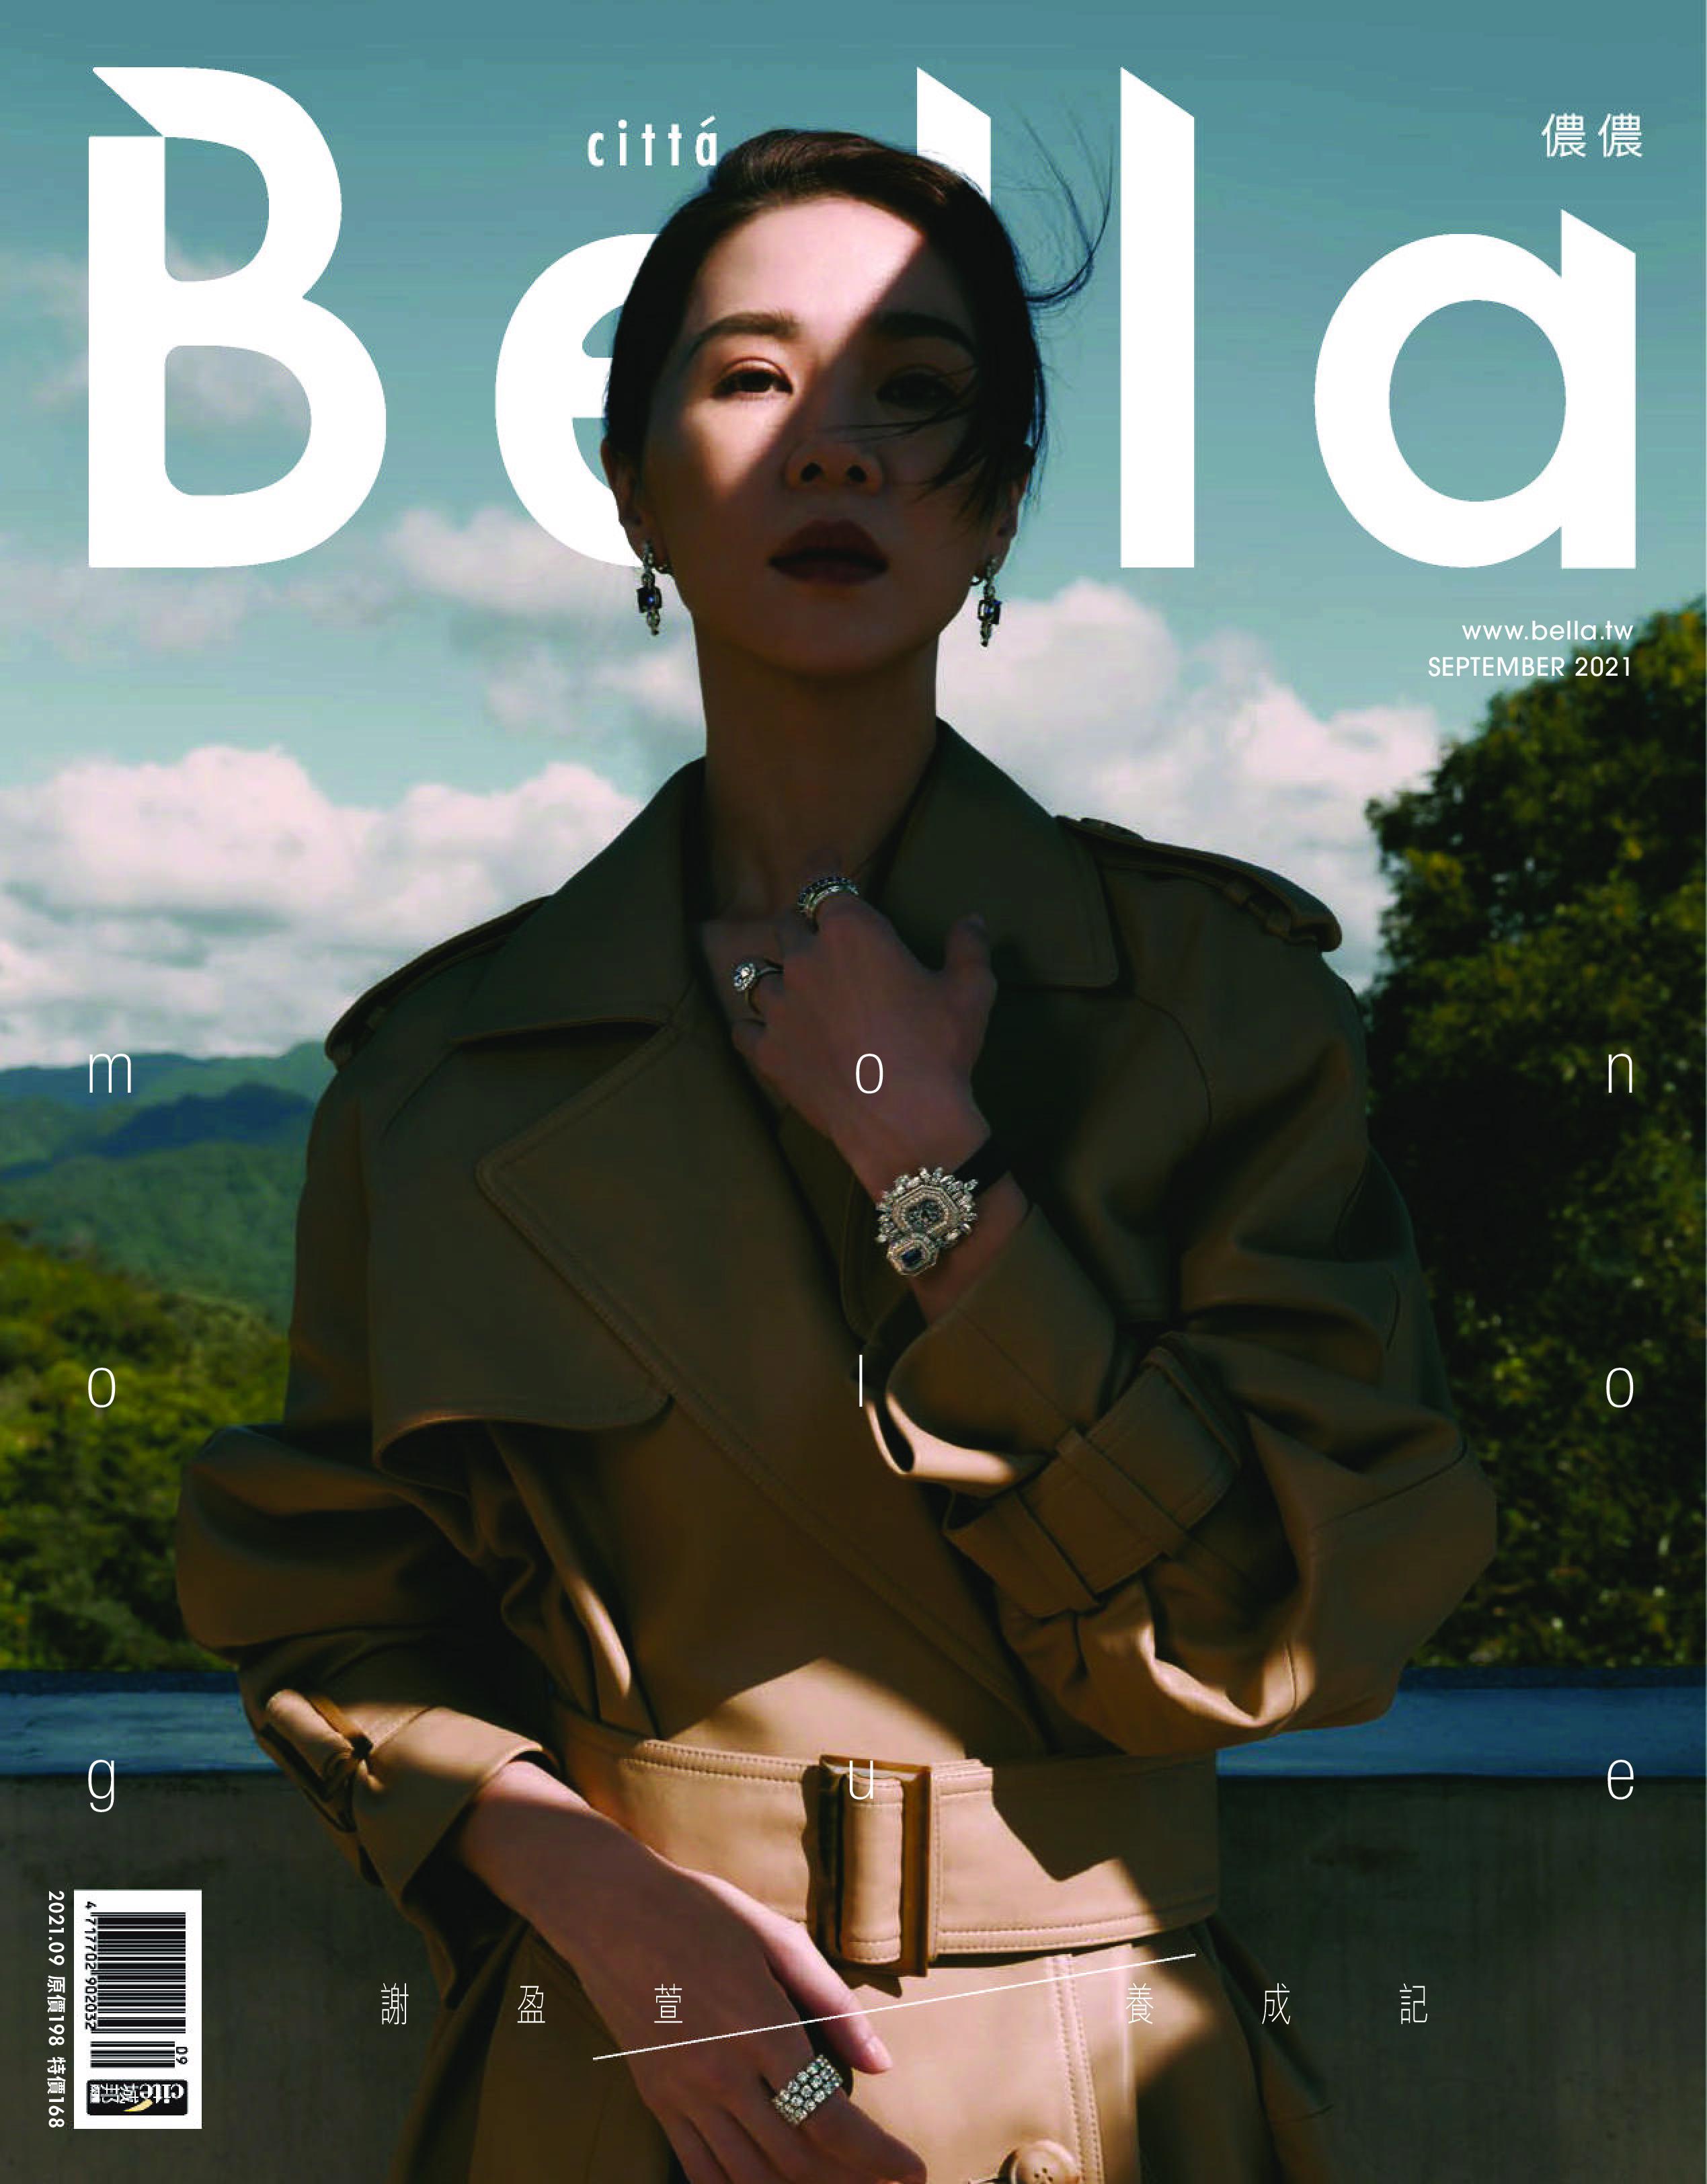 Bella Magazine 儂儂雜誌 – 九月 2021